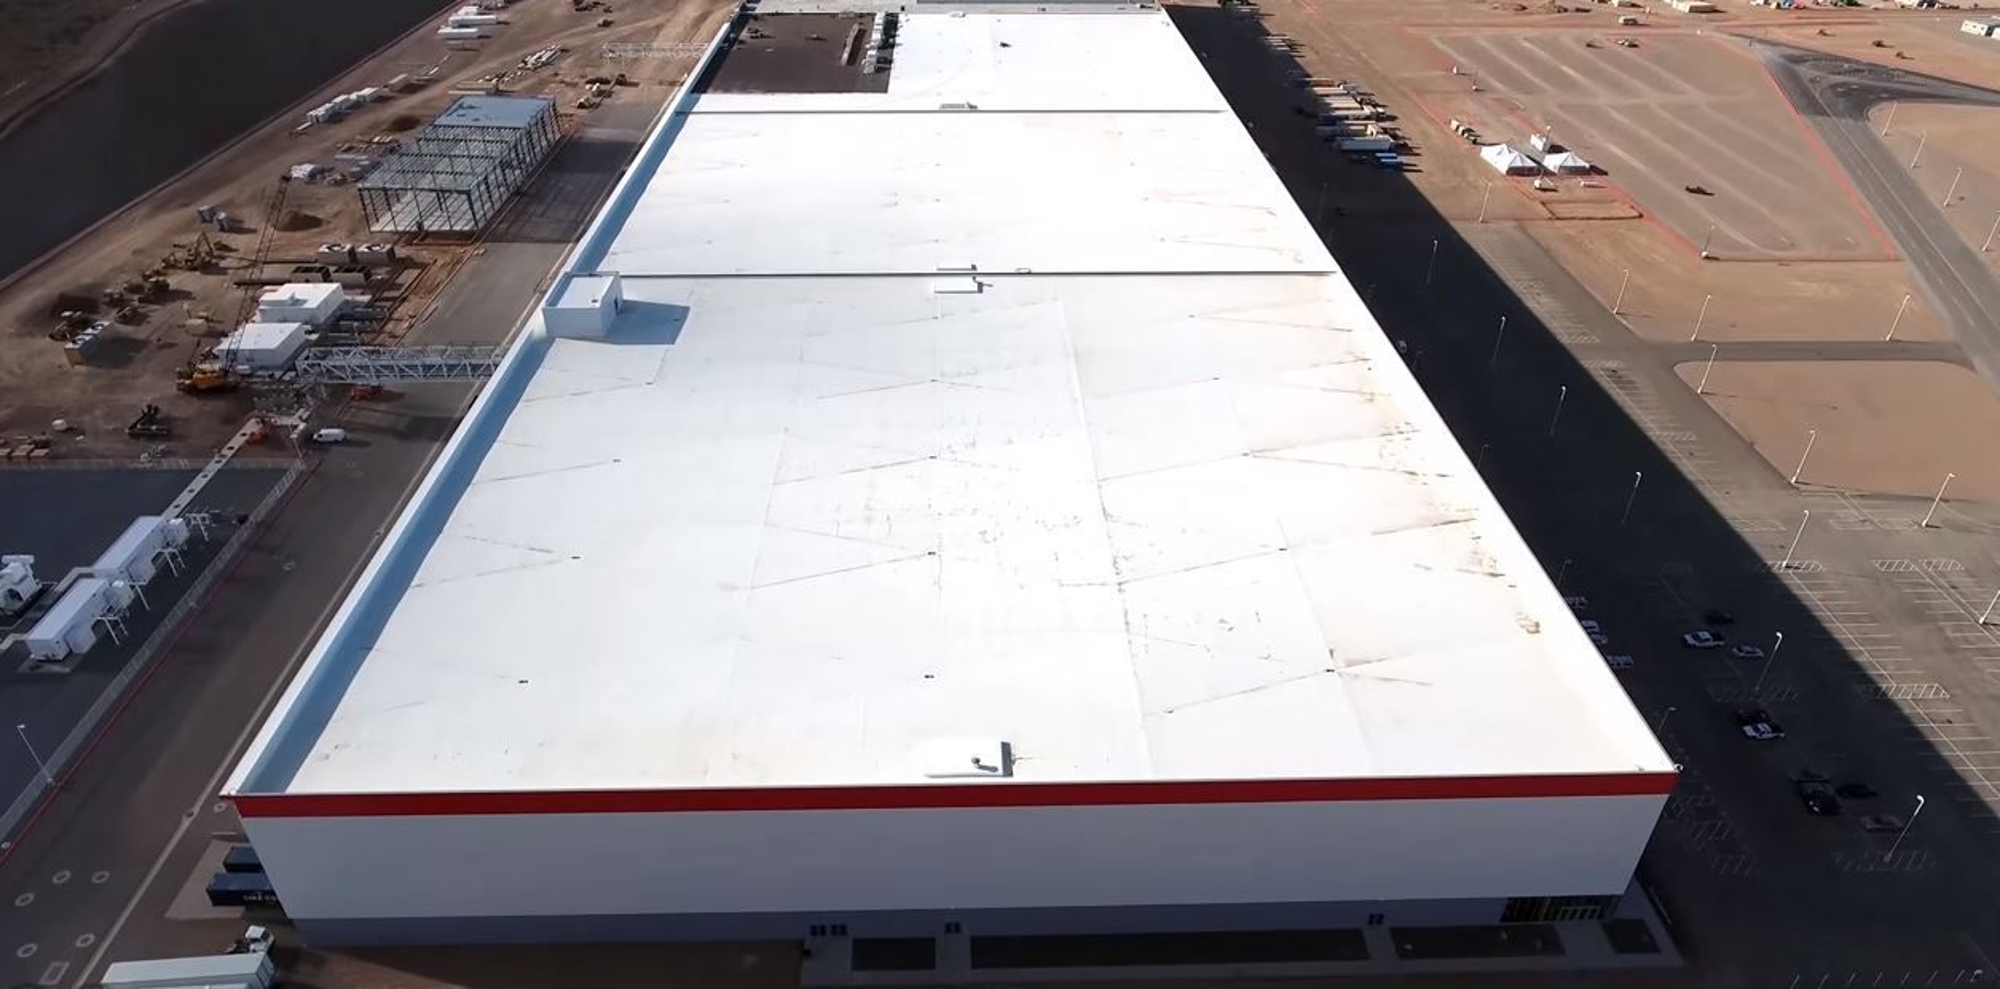 Kjølende: Det hvite taket til Tesla Gigafactory 1 skal kles med solceller, som skal bidra til at fabrikken forsynes med 100 prosent fornybar energi. Den hvite fargen skal redusere temperaturen, noe som gjør at solcellene blir mer effektive.